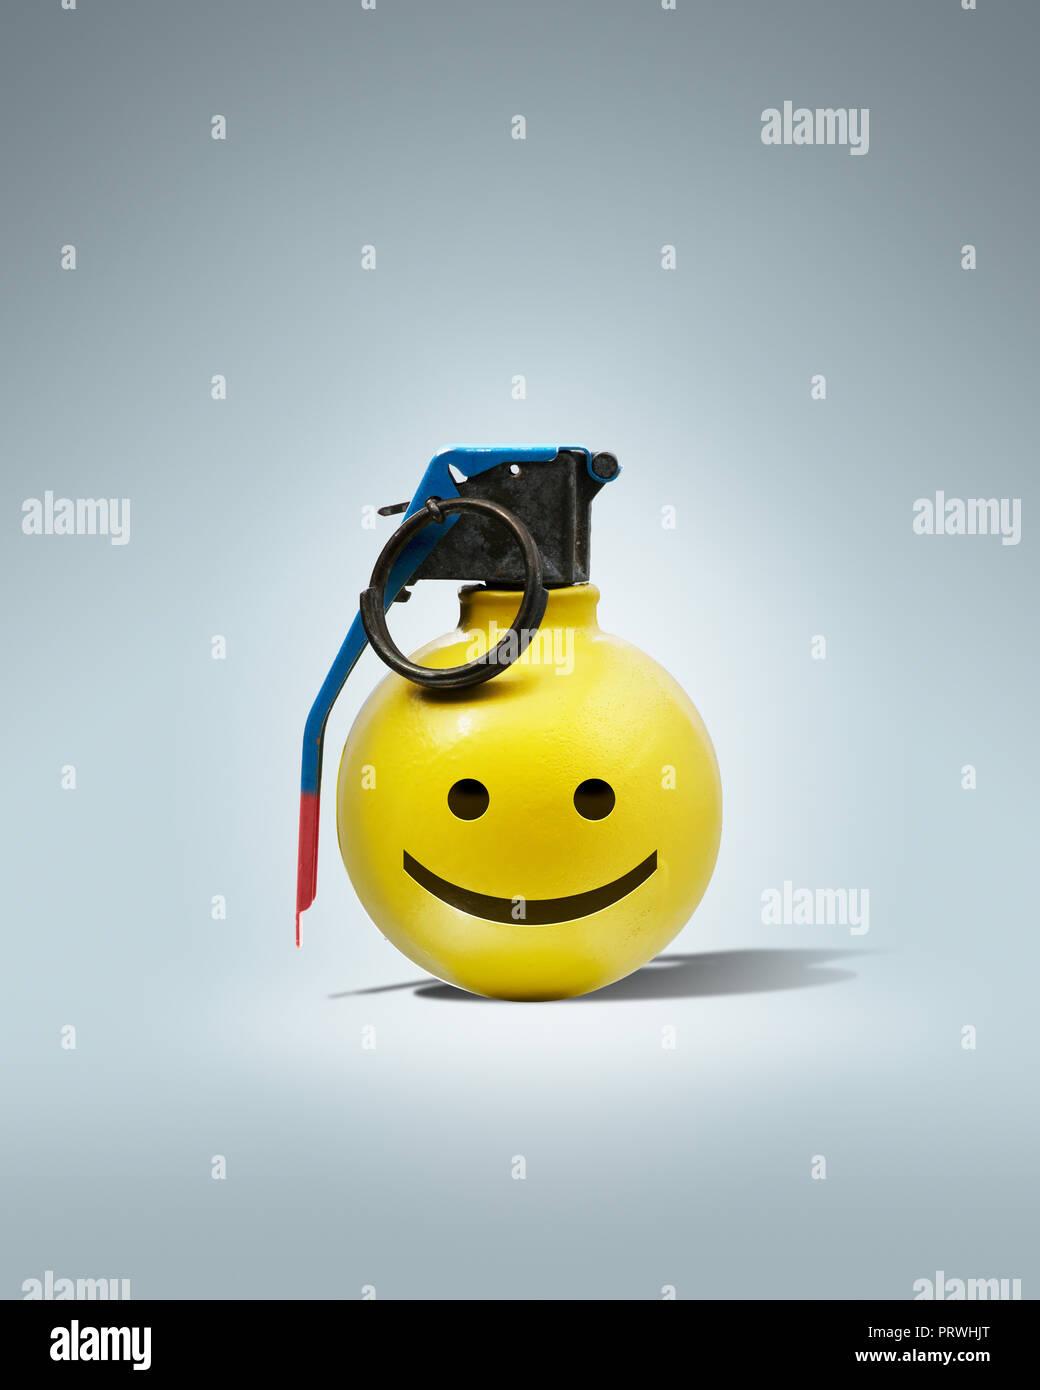 Gelber runder Hand Granate, Bombe mit Smile smily Gesicht Konzept Stockbild